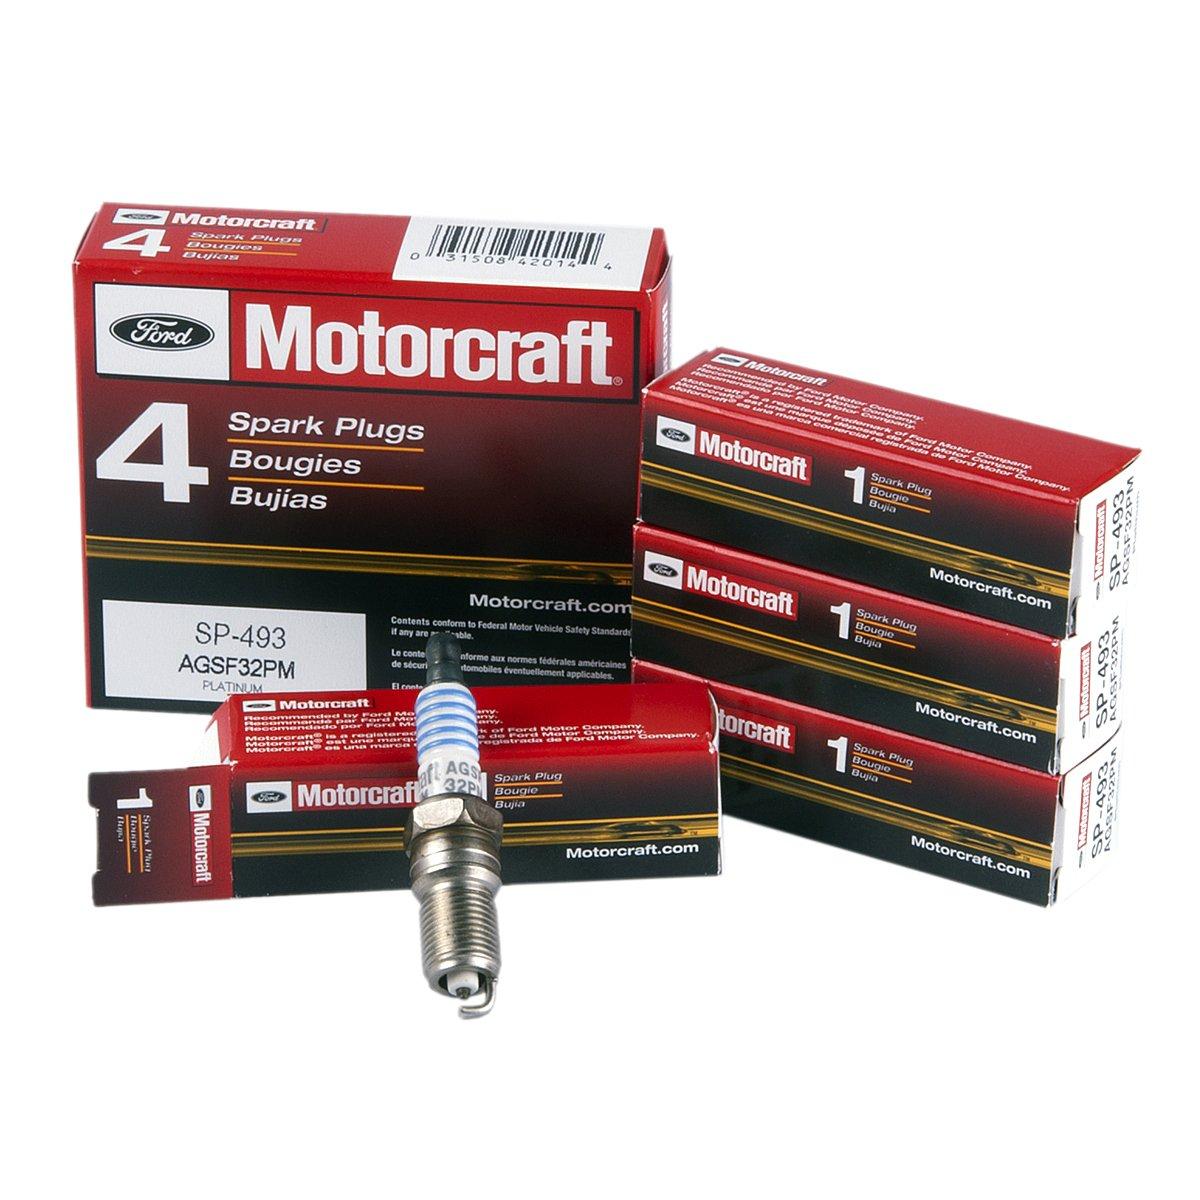 Amazon.com: 8pcs Ignition Coils DG512 & Motorcraft Spark Plugs SP493 Ford Lincoln Mercury fits UF-191 / DG-492 / DG-512 / DG-543 / UF191 / DG492 / DG512 ...